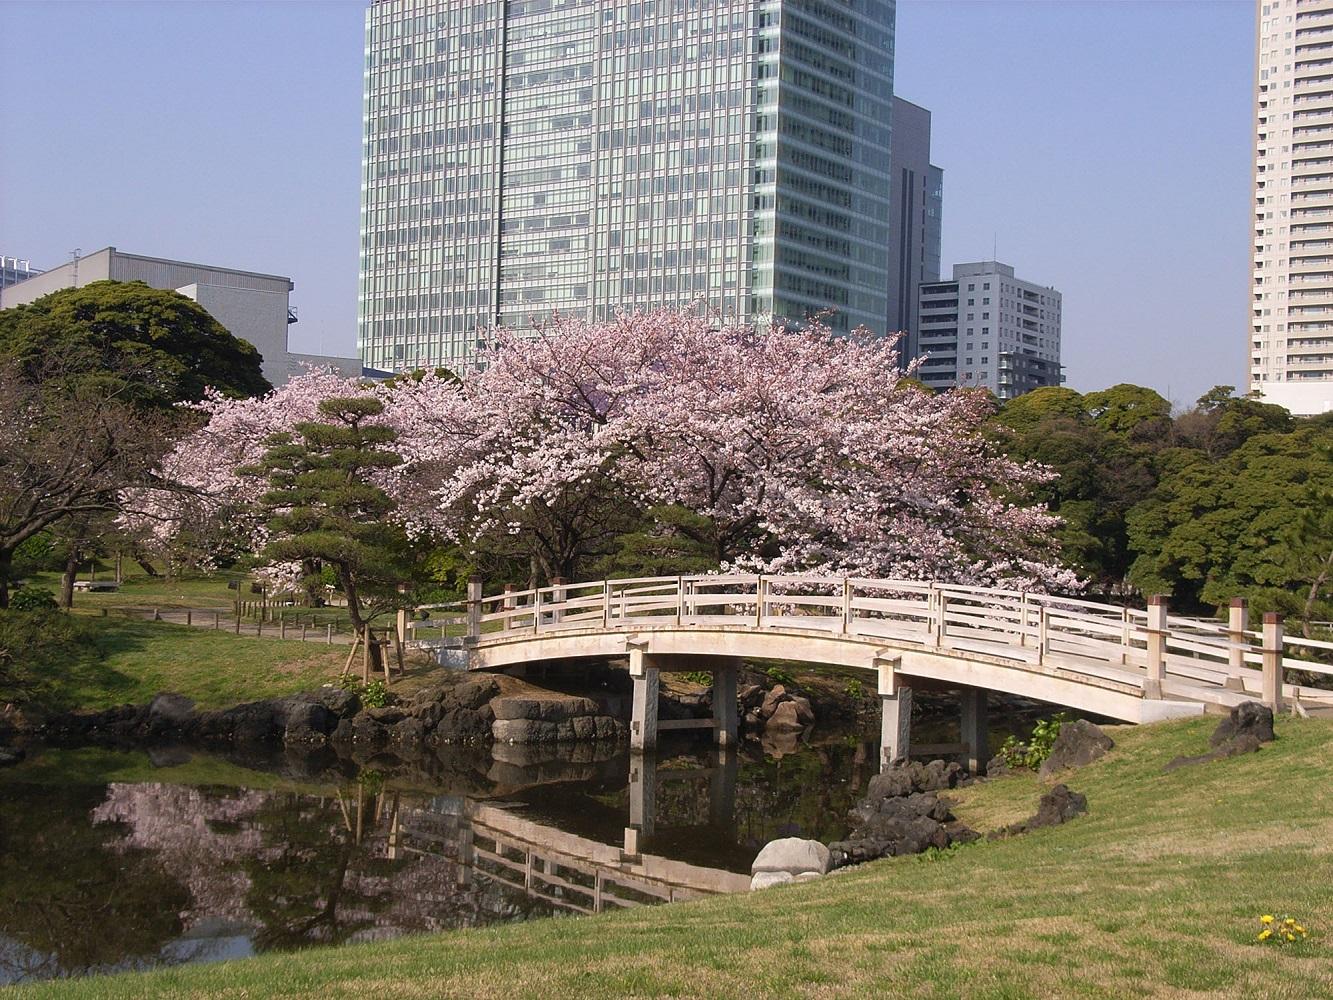 Fleurs de cerisier au Jardin de Hama-rikyu (article d'amuzen)